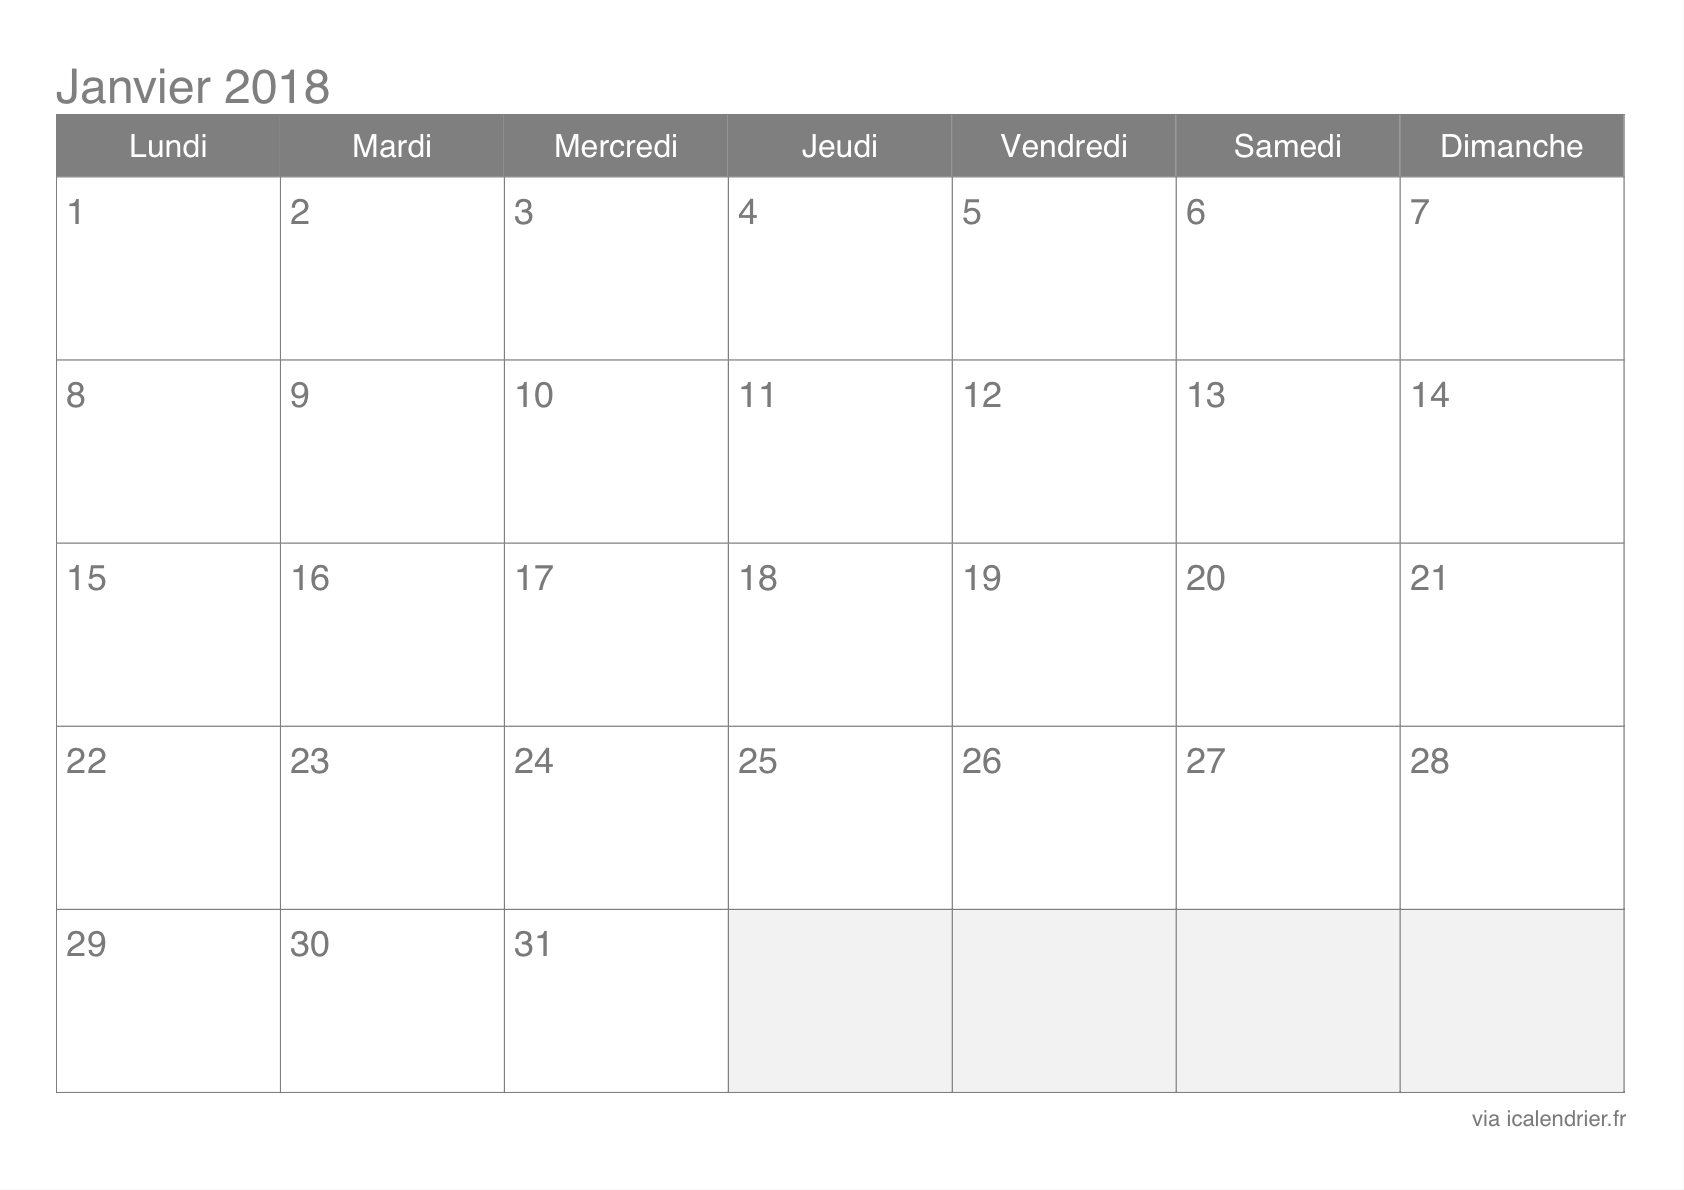 Calendrier Janvier 2018 À Imprimer - Icalendrier tout Calendrier A Imprimer 2018